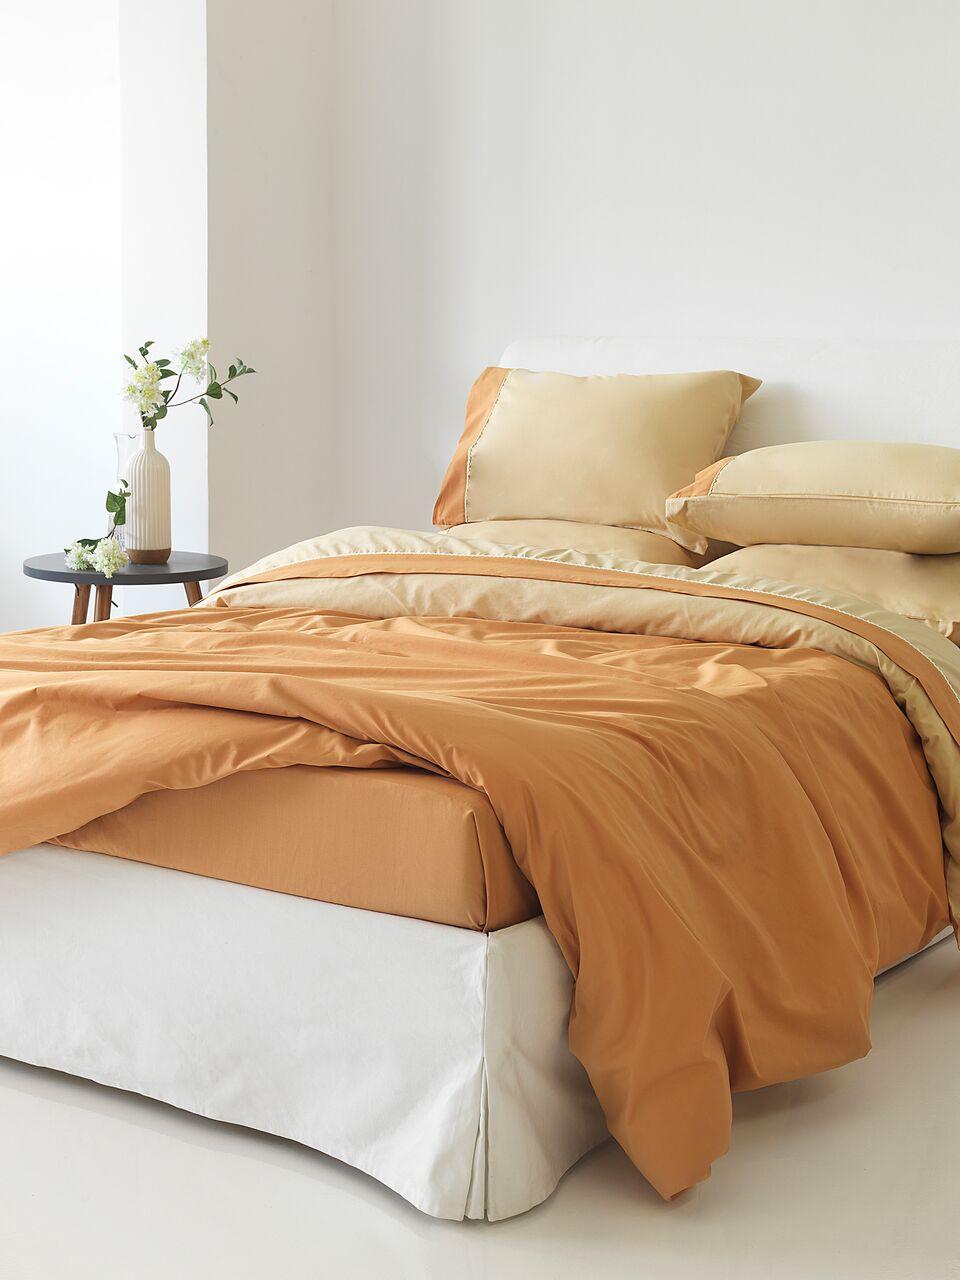 Παπλωματοθήκη Μονή Simi Gold Sb home - Sb home - simi-th1-gold λευκα ειδη υπνοδωμάτιο παπλωματοθήκες μονές   ημίδιπλες